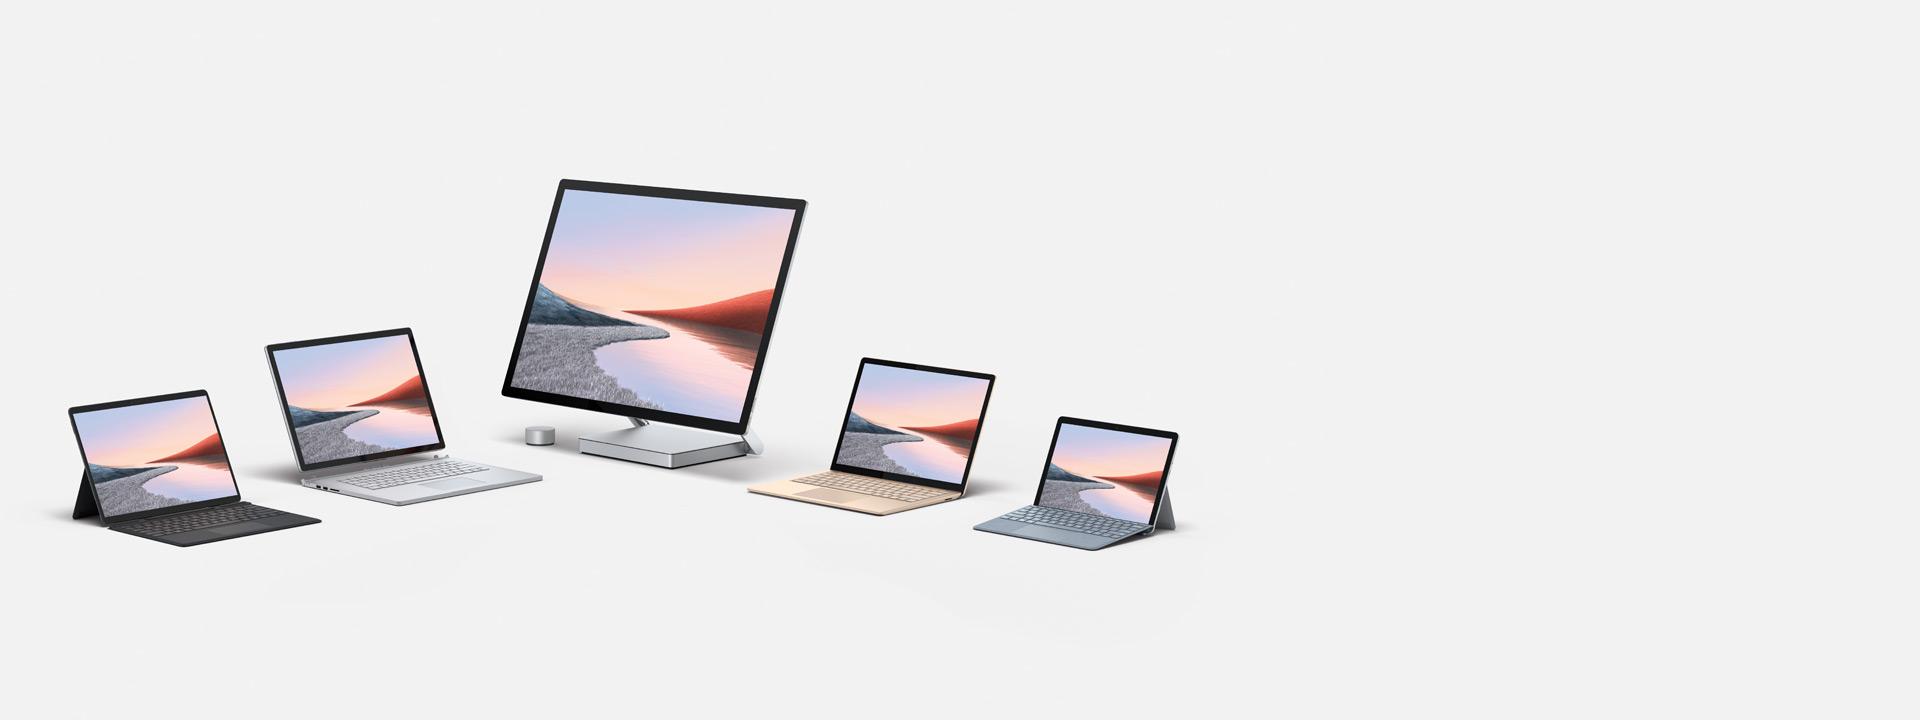 新版 Surface 设备系列